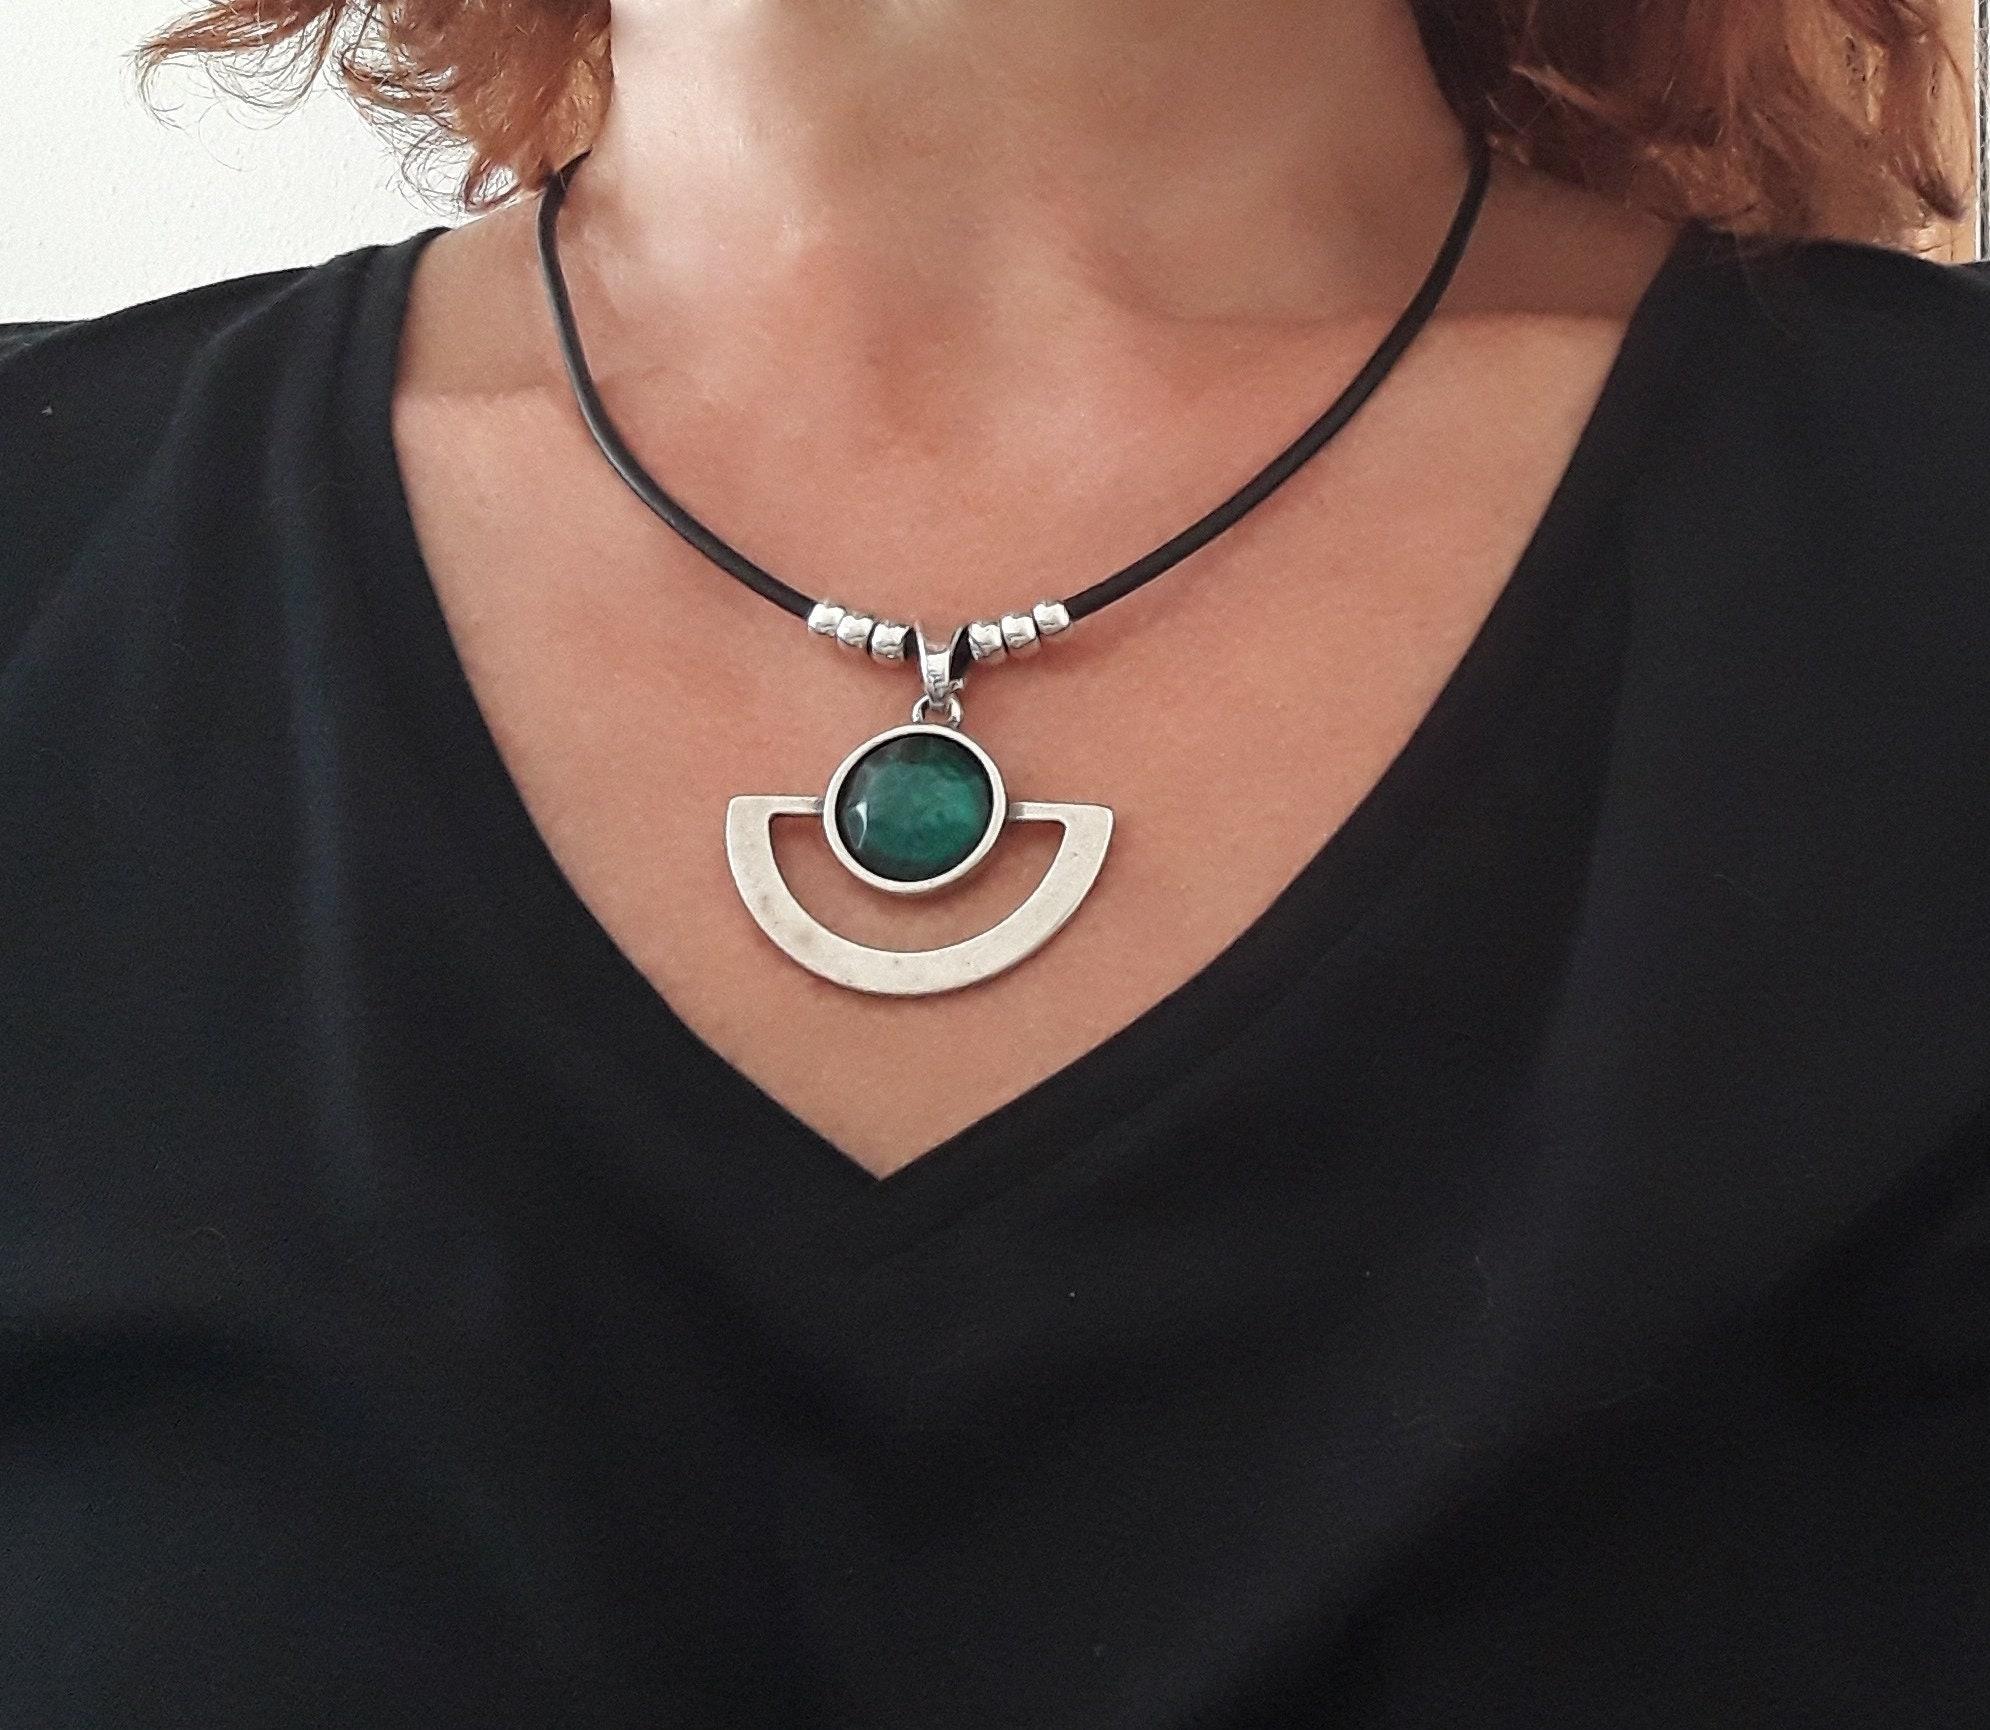 Leder Halsband für Frauen Silber Anhänger Halsband Boho   Etsy